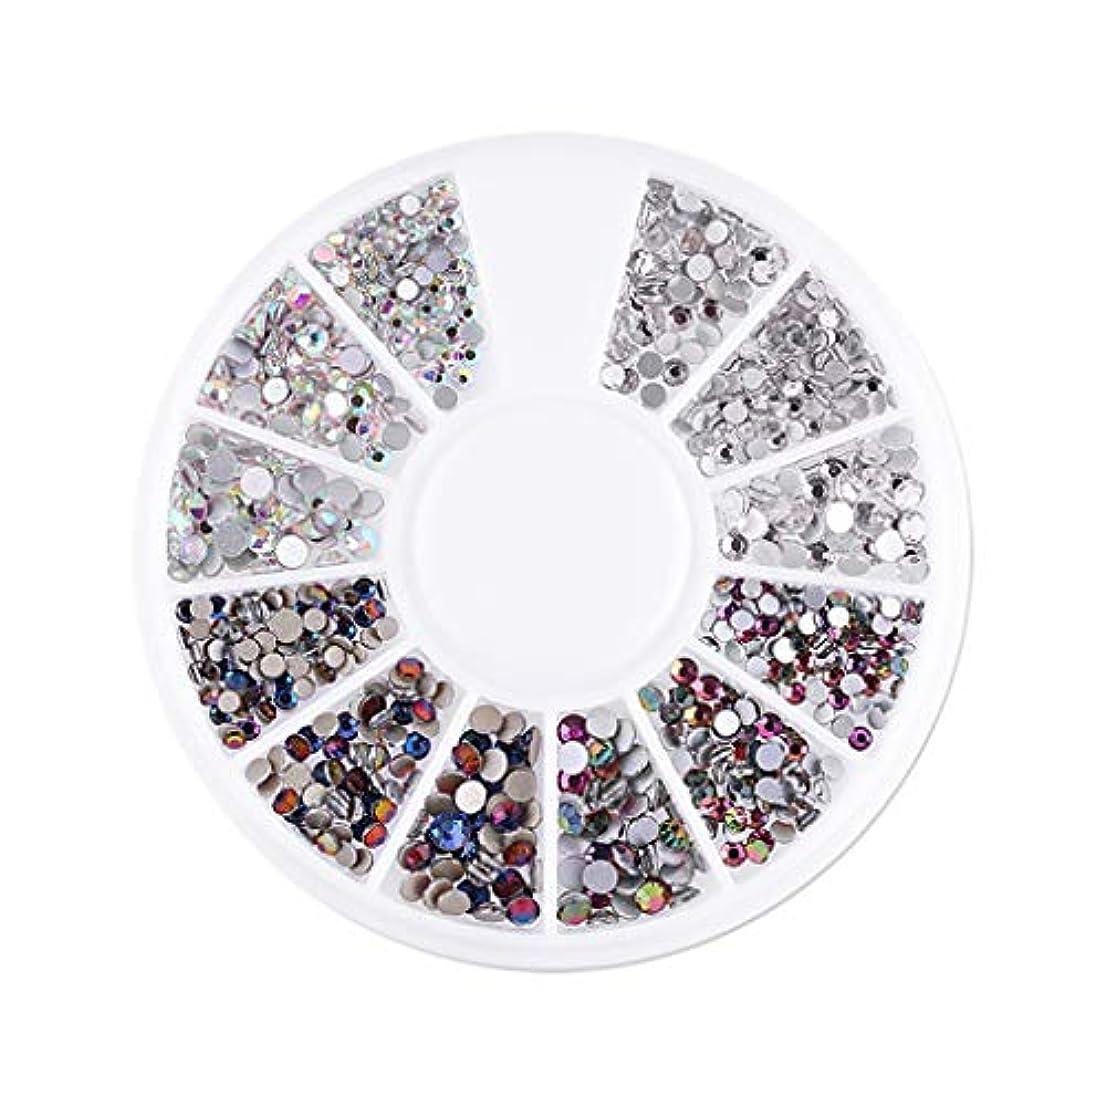 均等に戸惑う動詞Posmant 美容 ツール ネイル用品 ネイルドリル マニキュア ペディキュア 便利な 高品質 耐久性あり 携帯便利 ファッション パーティー 多目的 マニキュア メイク 複数の色 選択できます